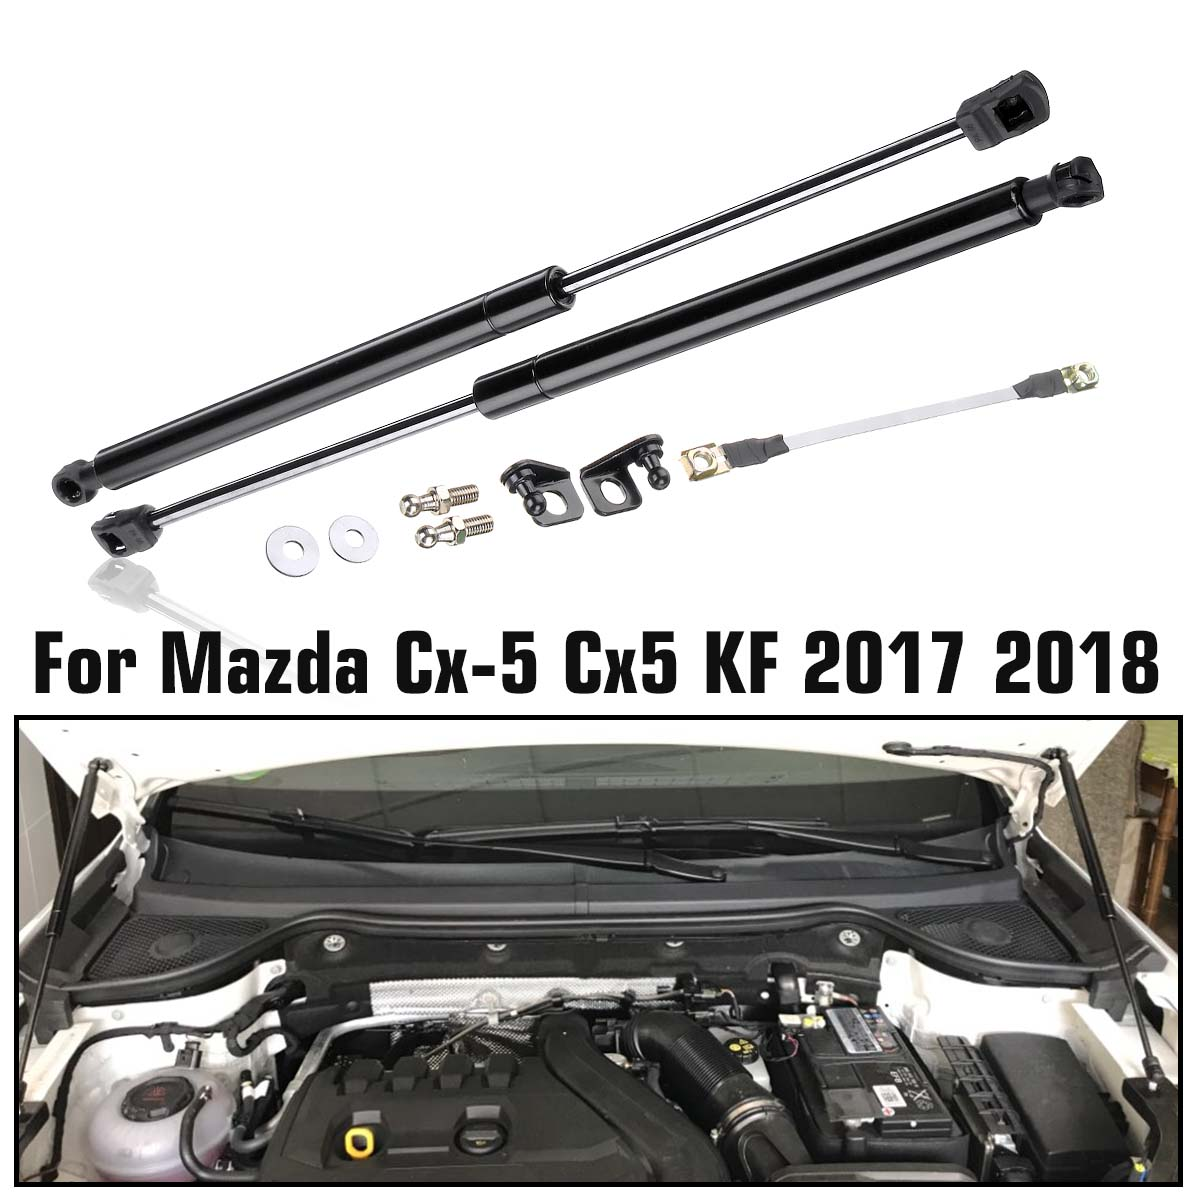 Pokrywa silnika samochodu obsługuje rozpórki pręt przednia maska kaptur podnoszenia siłownik hydrauliczny Shock Bar dla Mazda CX5 CX-5 2017 2018